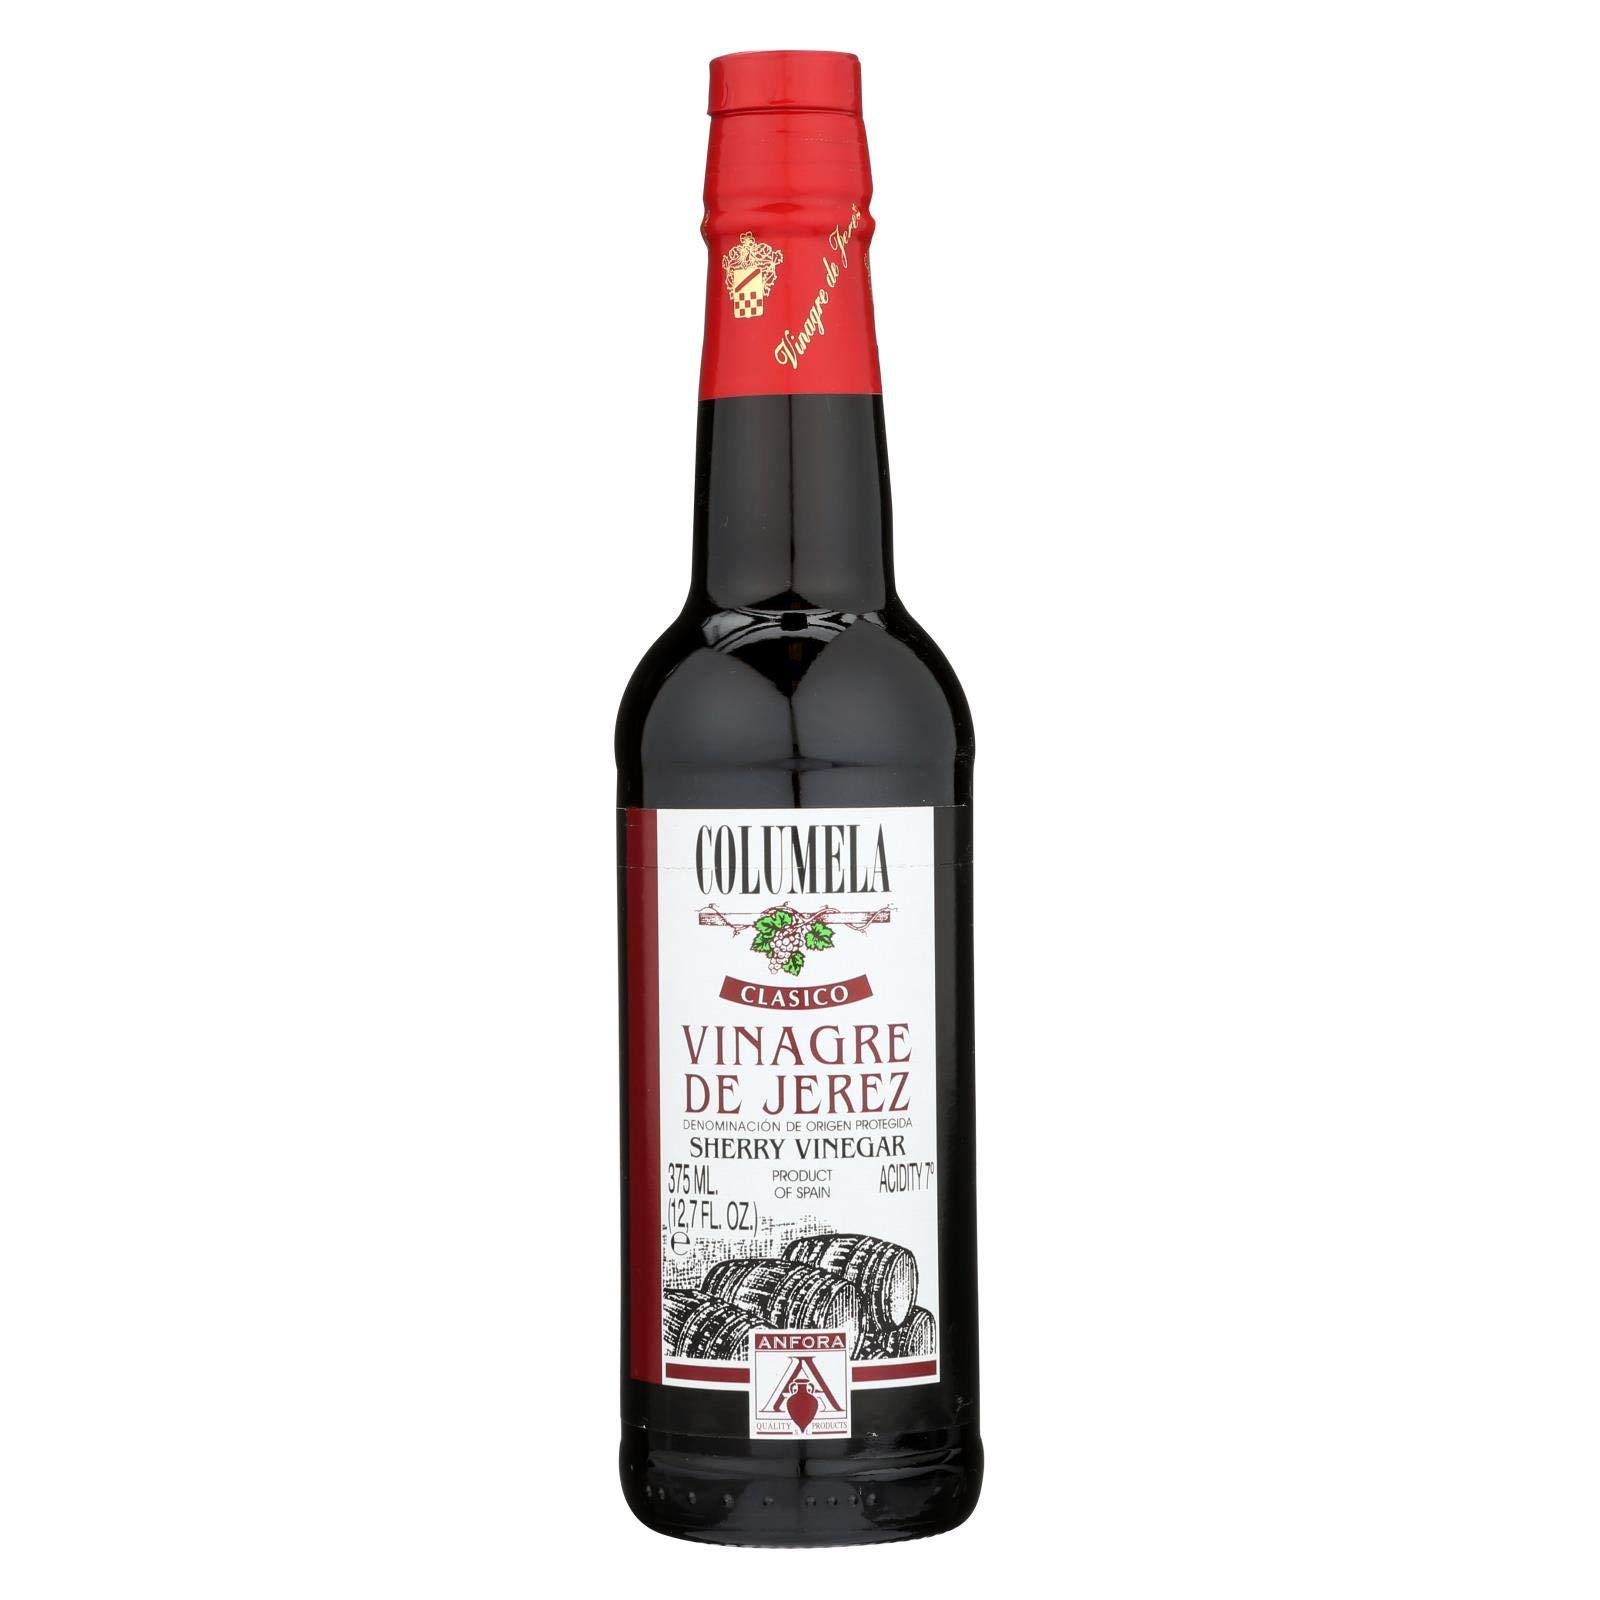 Columela Classic Sherry Vinegar - Case of 6 - 12.7 Fl oz. by Columela